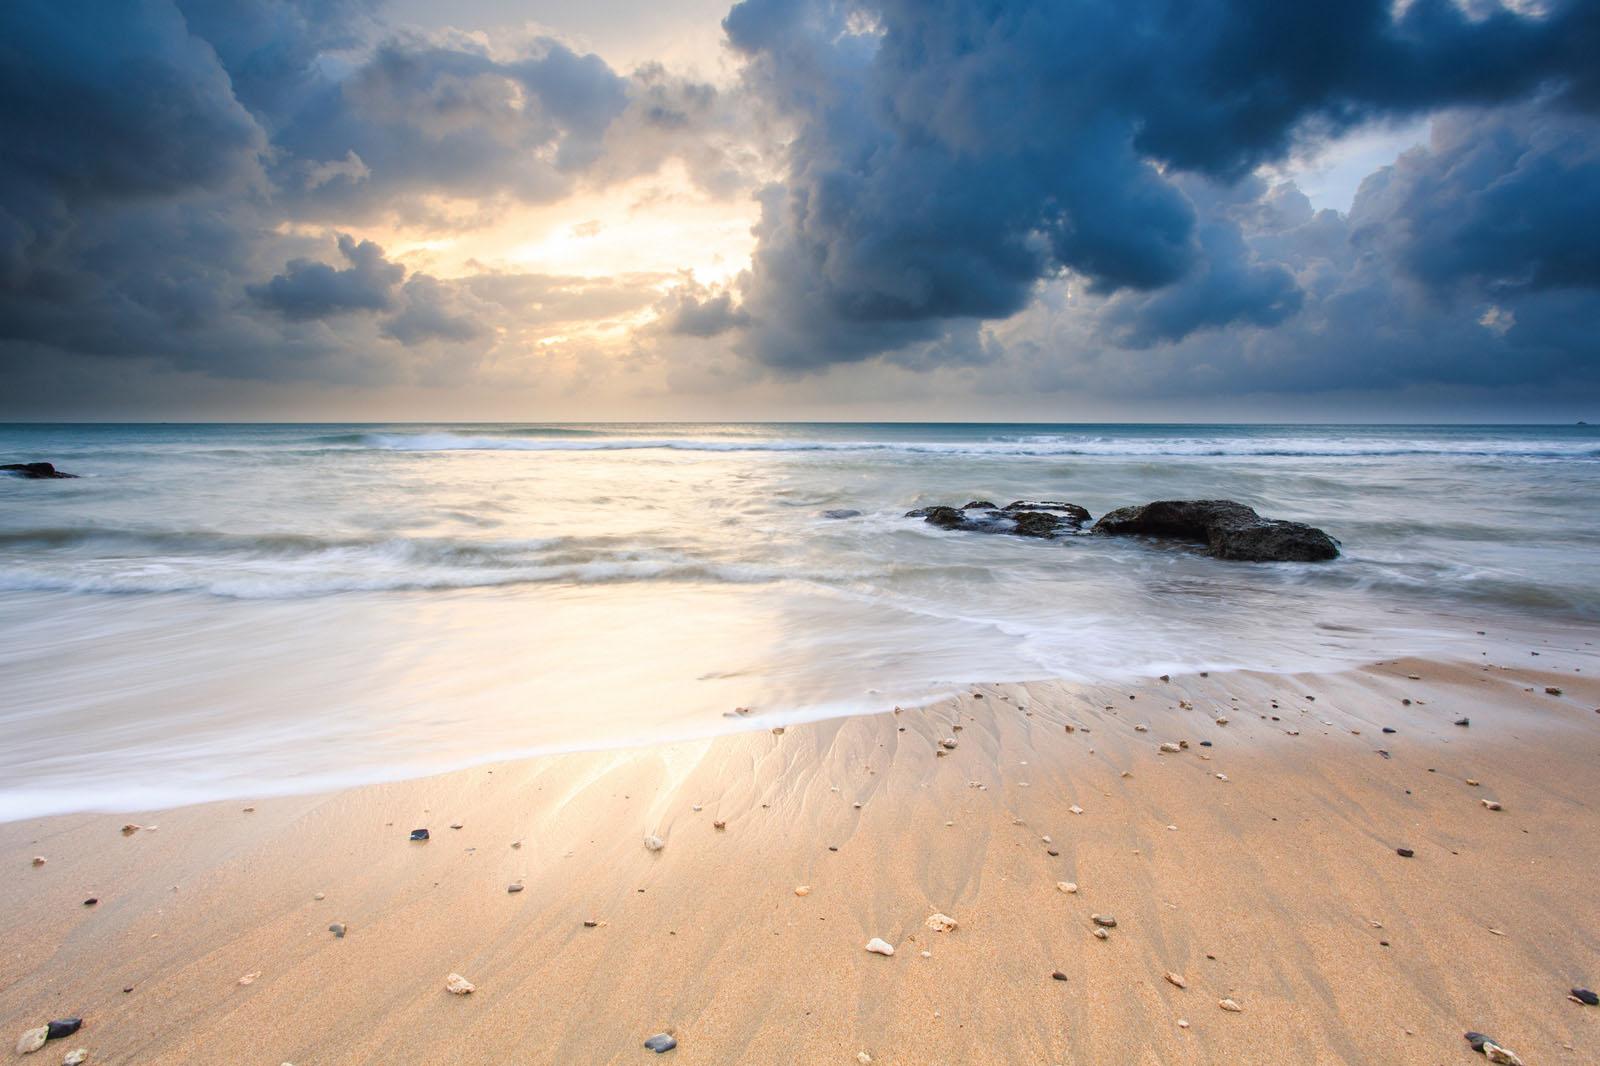 بالصور صور عن البحر , اجمل واروع صور البحار 5720 6